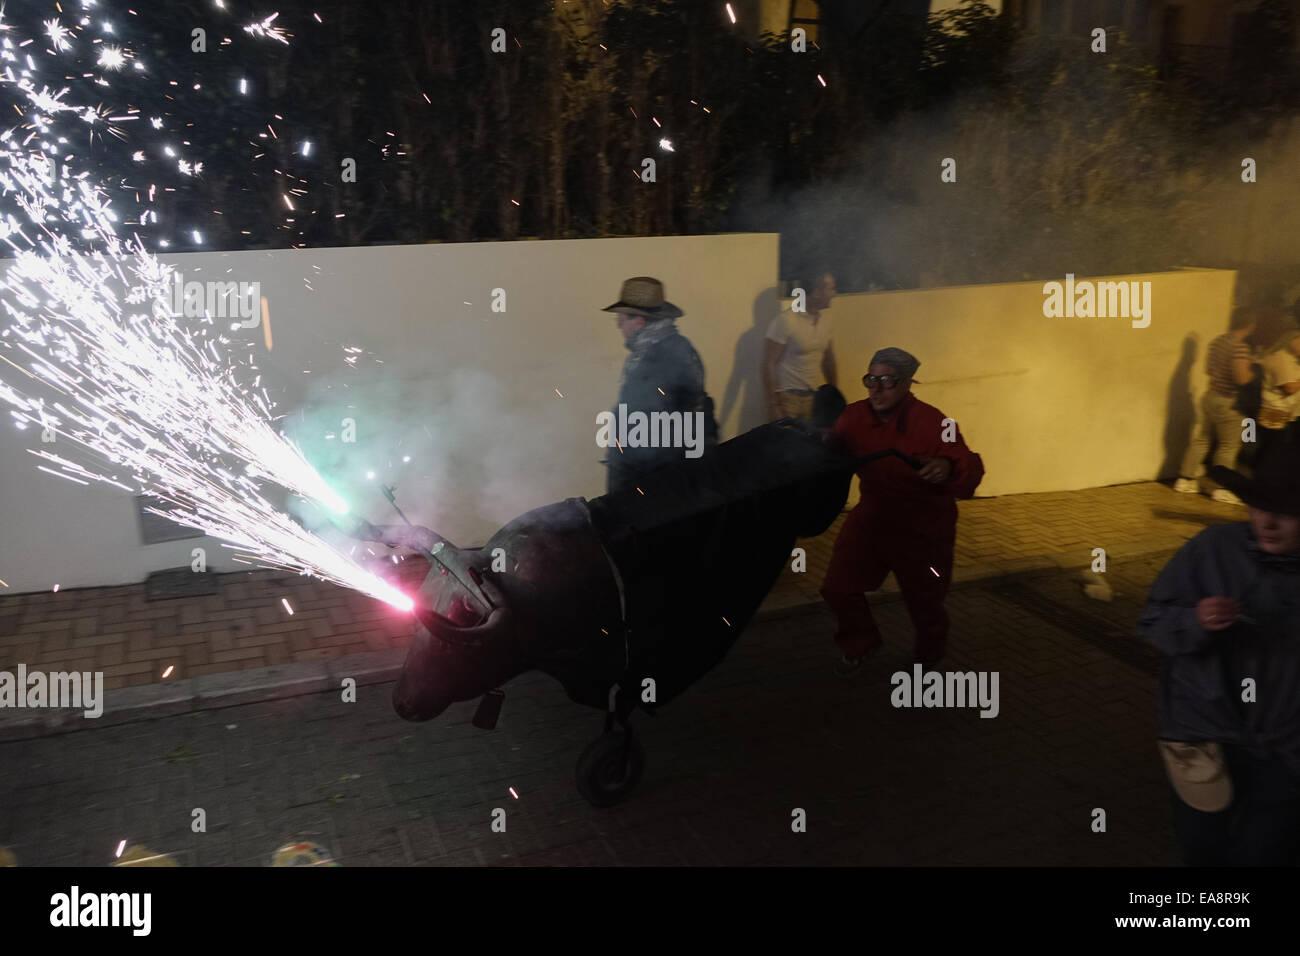 Il spostando il fuoco o il correfoc pirotecnico spettacolare ha avuto luogo a 2am, avvolgimento attraverso la città Immagini Stock